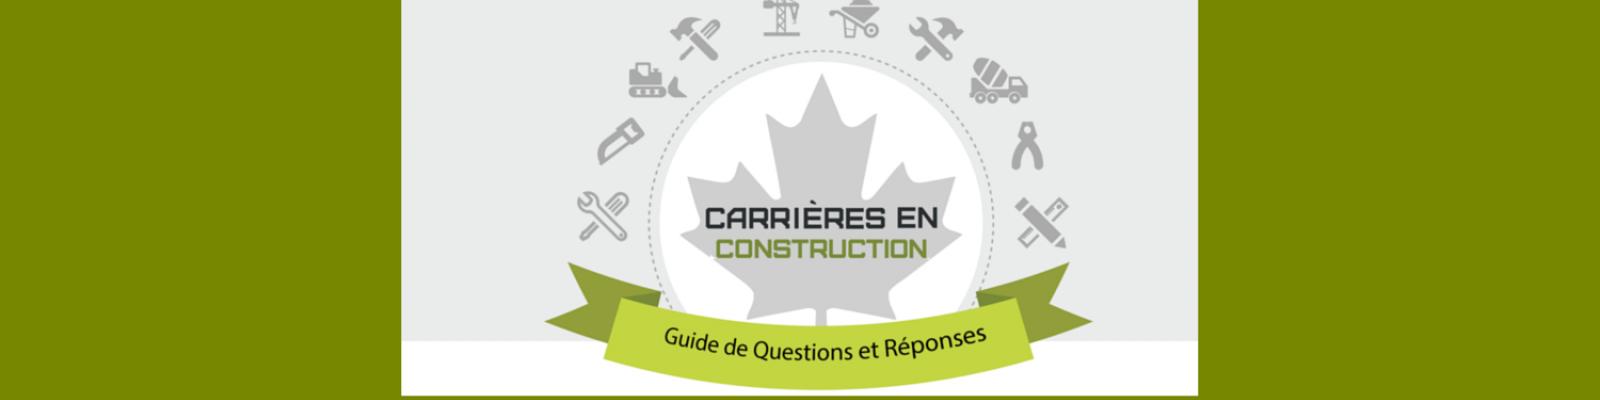 site web bannière Carrières en Construction Guide de Questions et Réponses - parents